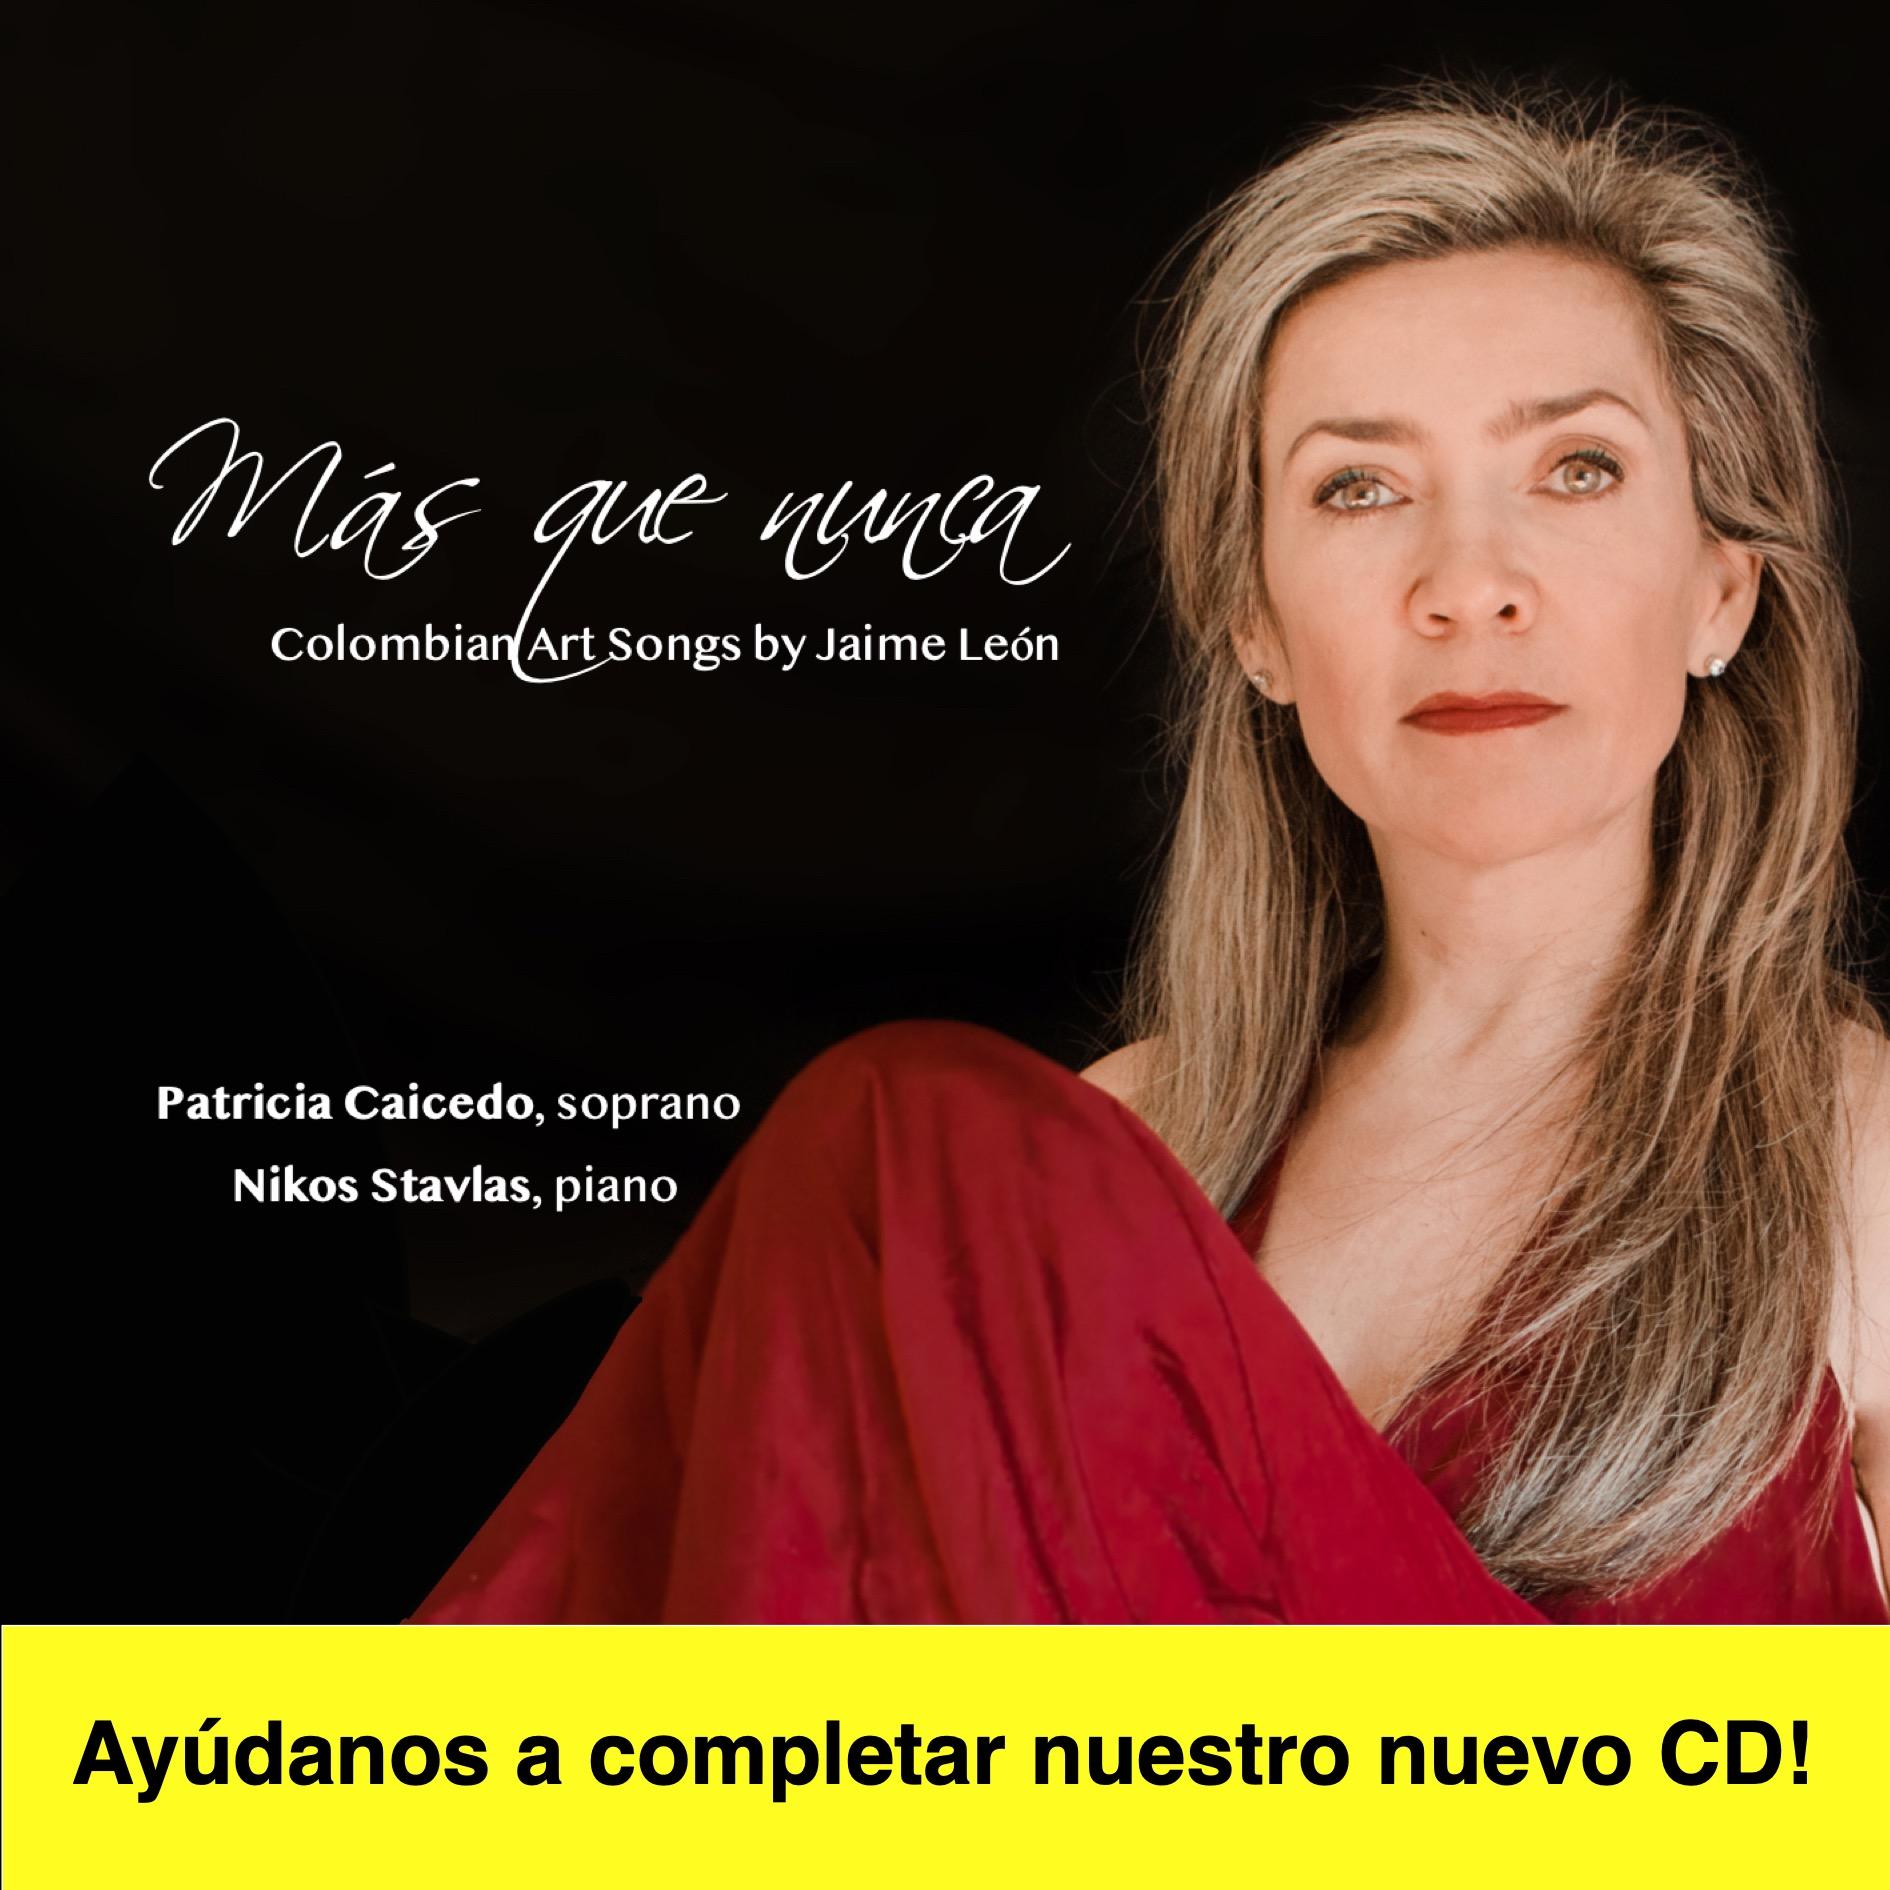 Ayúdanos a producir el CD de Jaime León - Y contribuye a la preservación del patrimonio musical y poético colombiano y latinoamericano